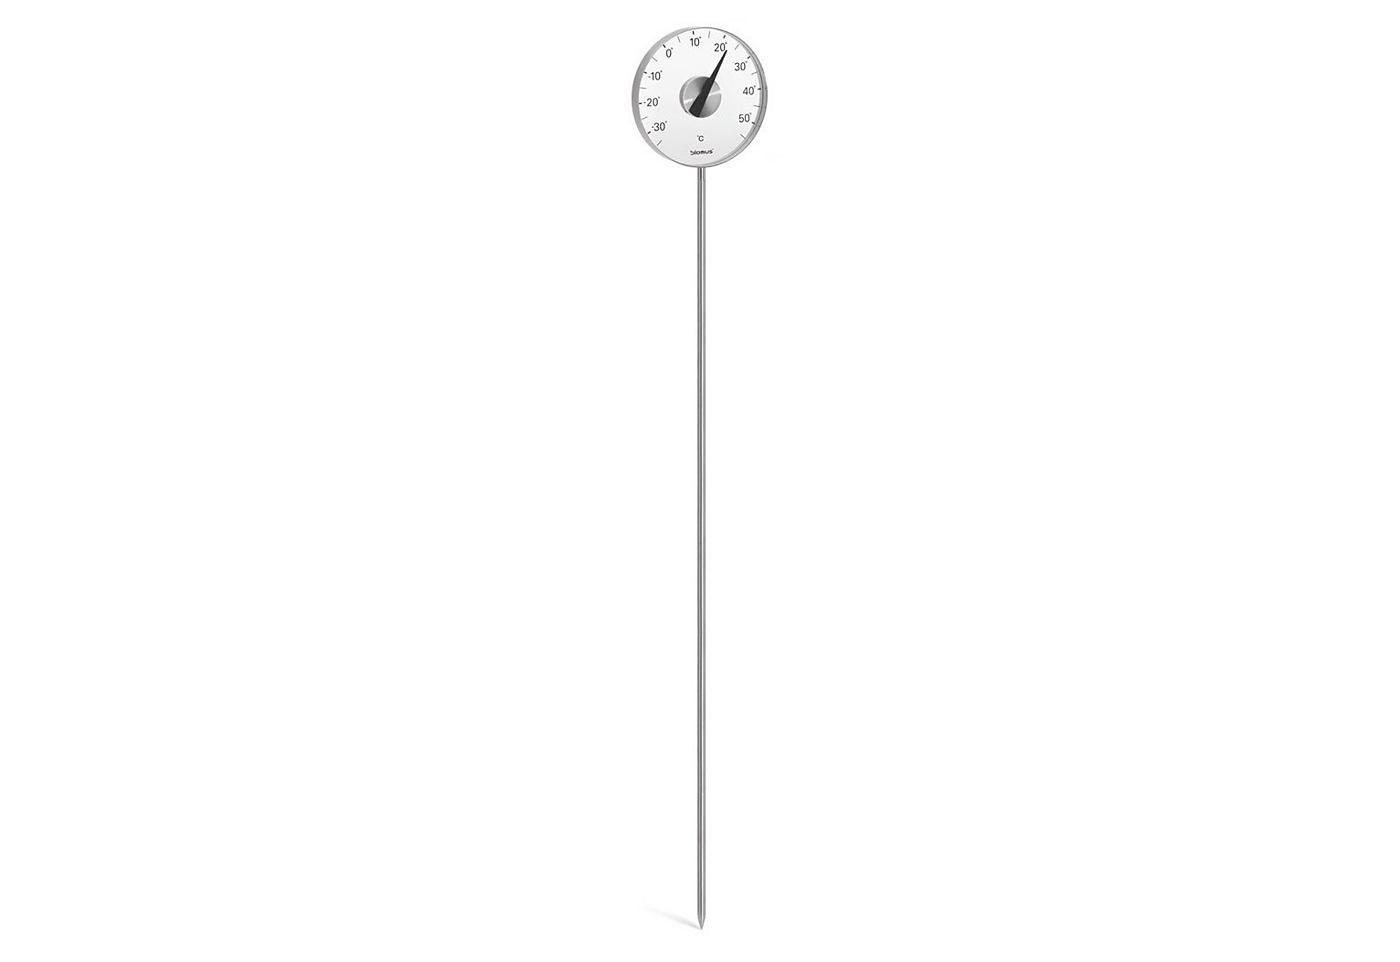 Das Gartenthermometer ist für den Garten und auch für den Blumenkasten und Pflanzkübel geeignet, da der geteilte Erdspieß sich in der Höhe variieren lässt.  Tiefe in cm: 2,5; Höhe in cm: 142. Farbe: Edelstahl....